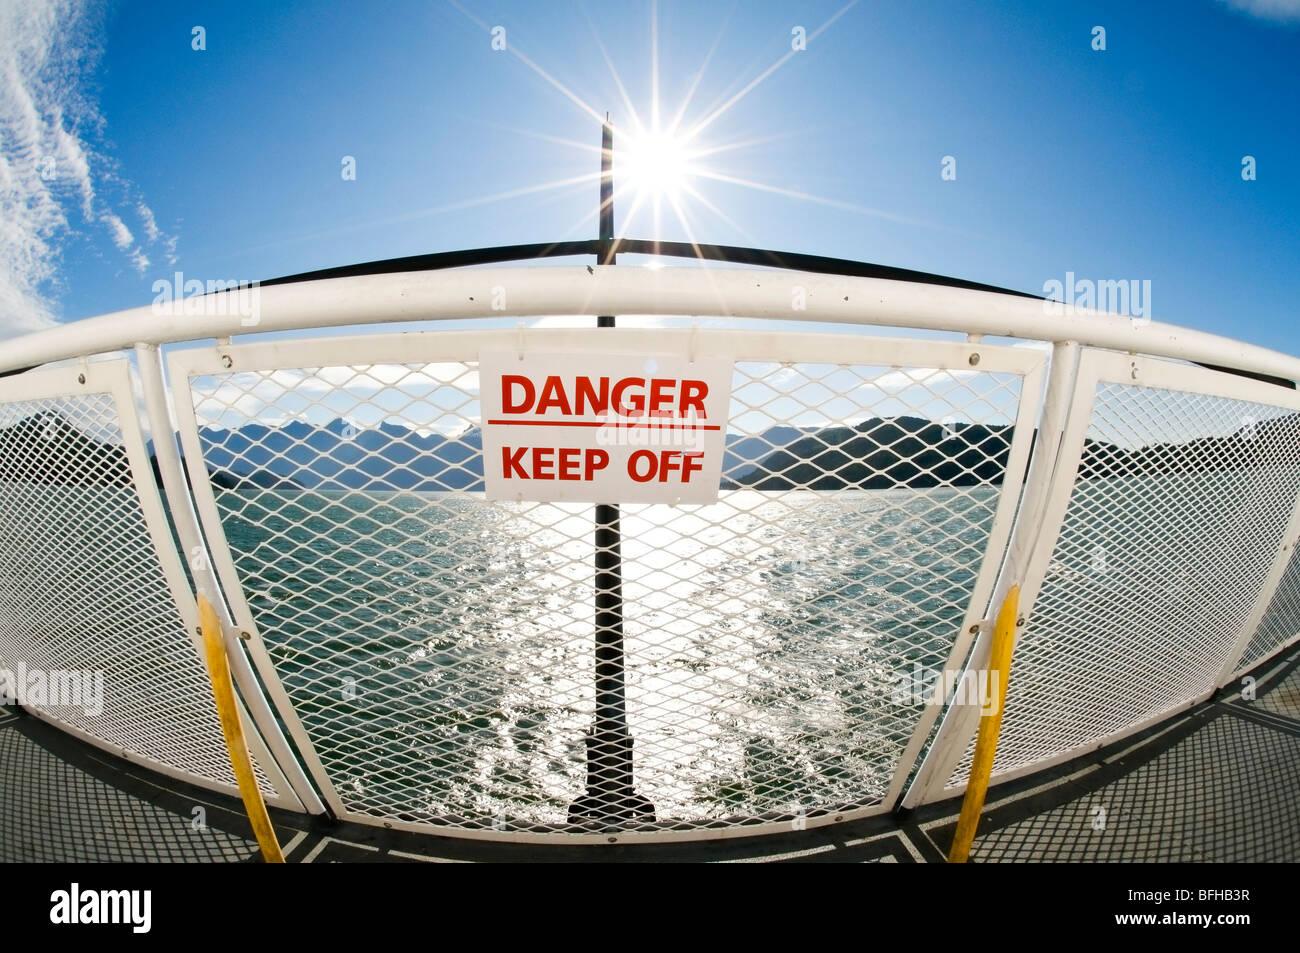 Un signo en un ferry baranda miembros 'Danger - Mantenga apagado'. Imagen De Stock